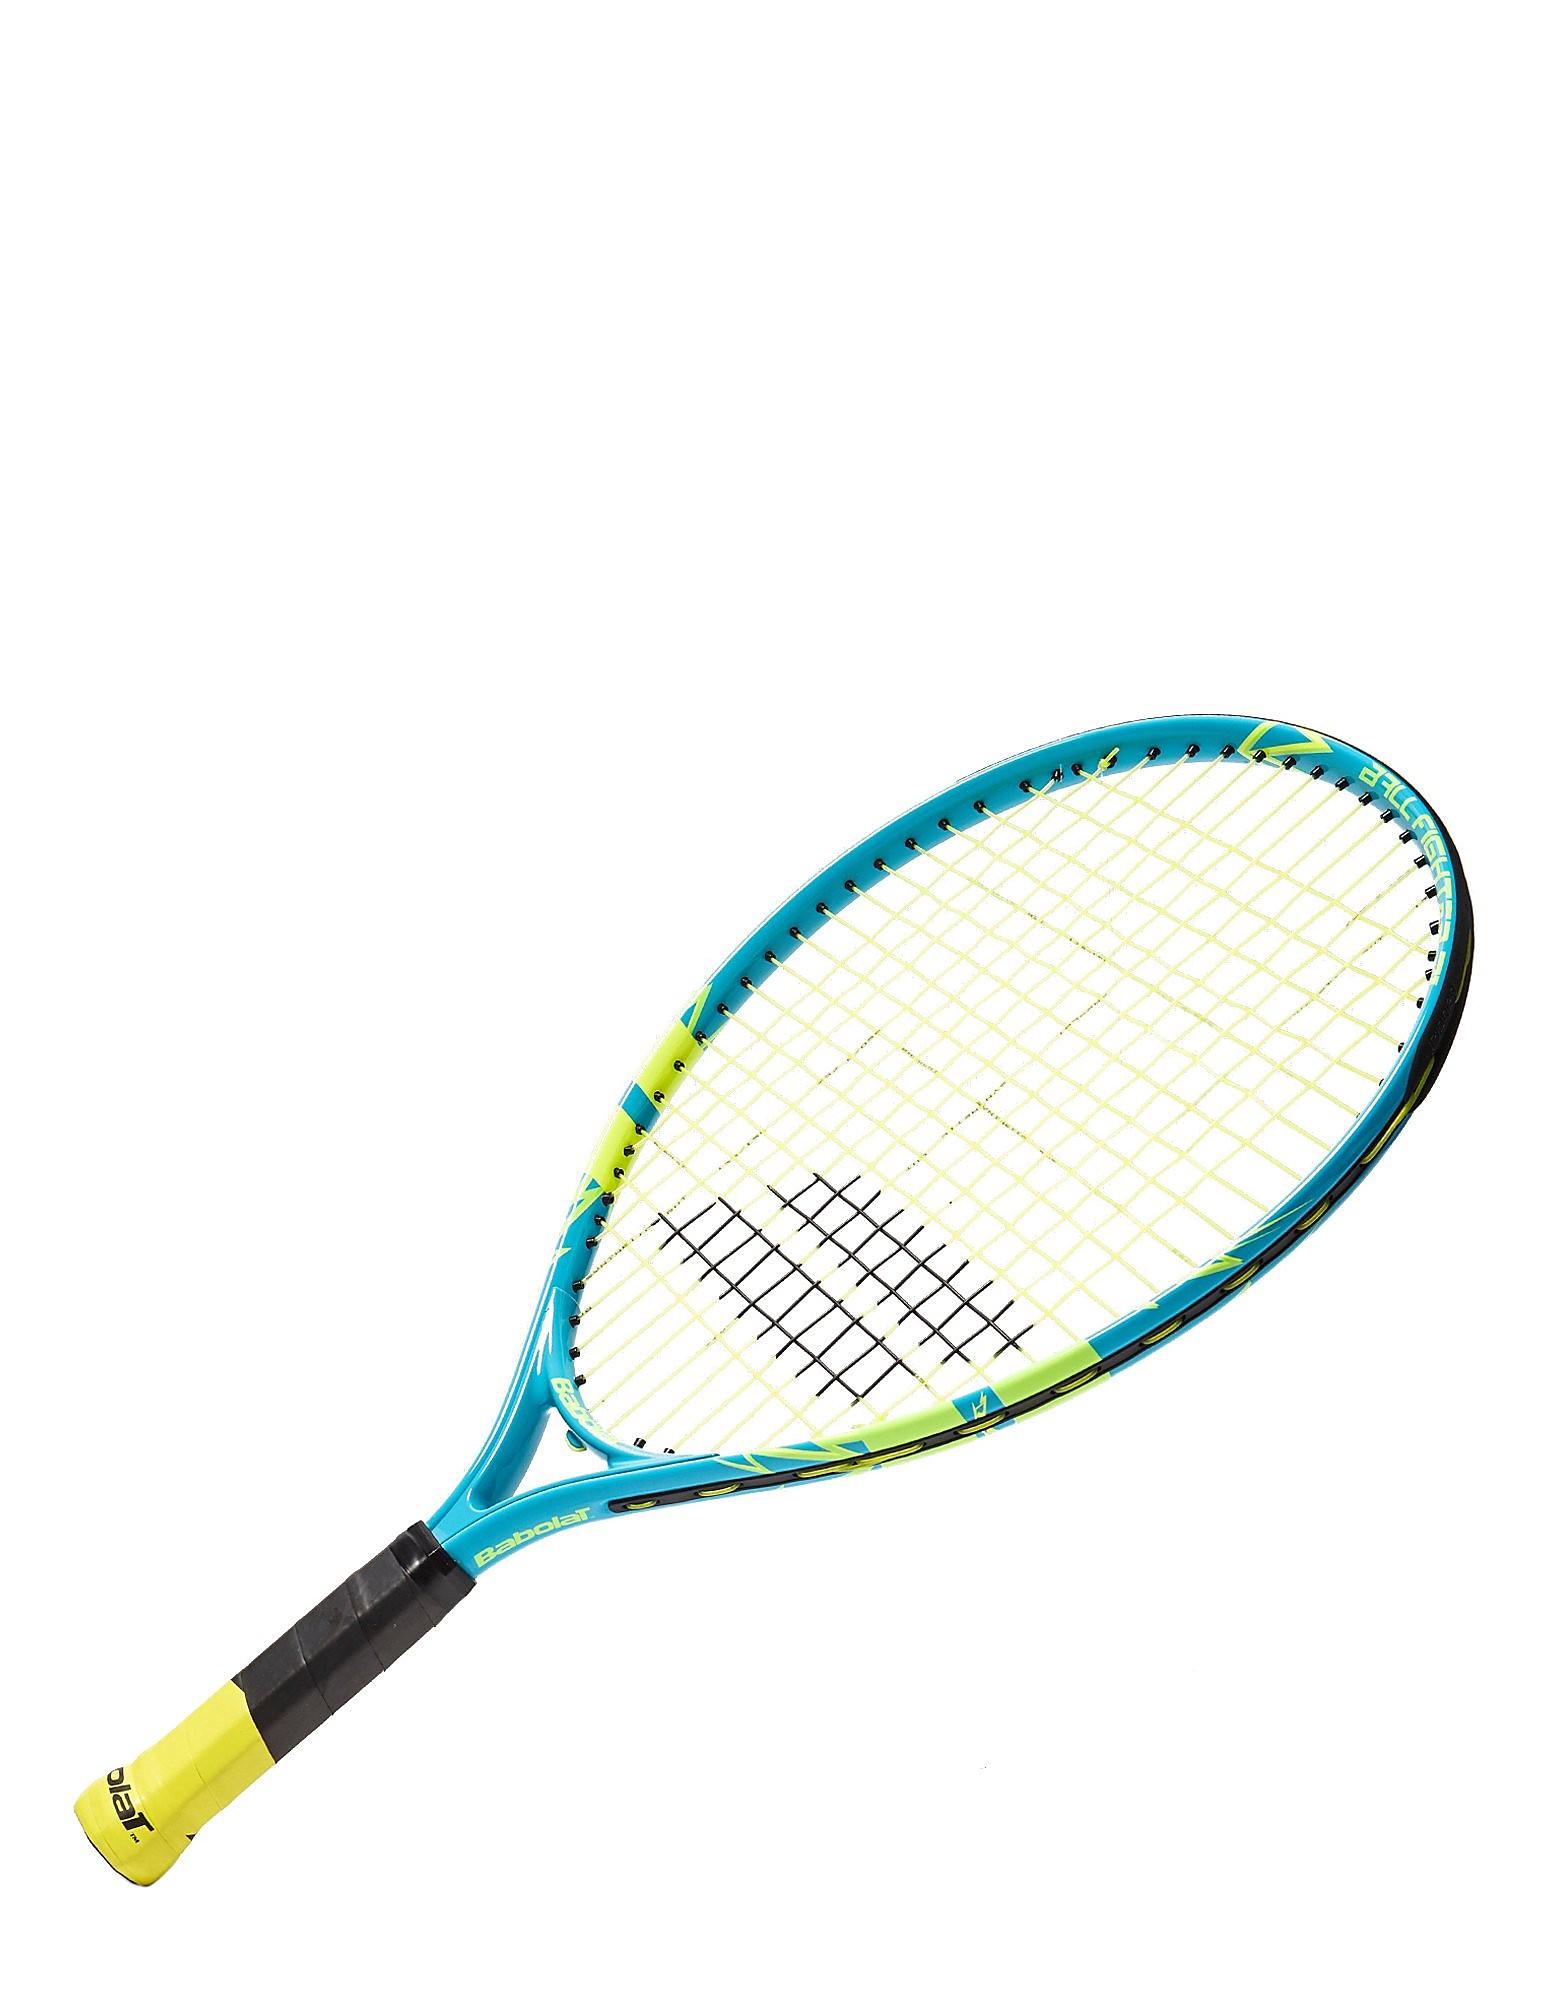 Babolat Ballfighter 21 Tennis Racket Junior